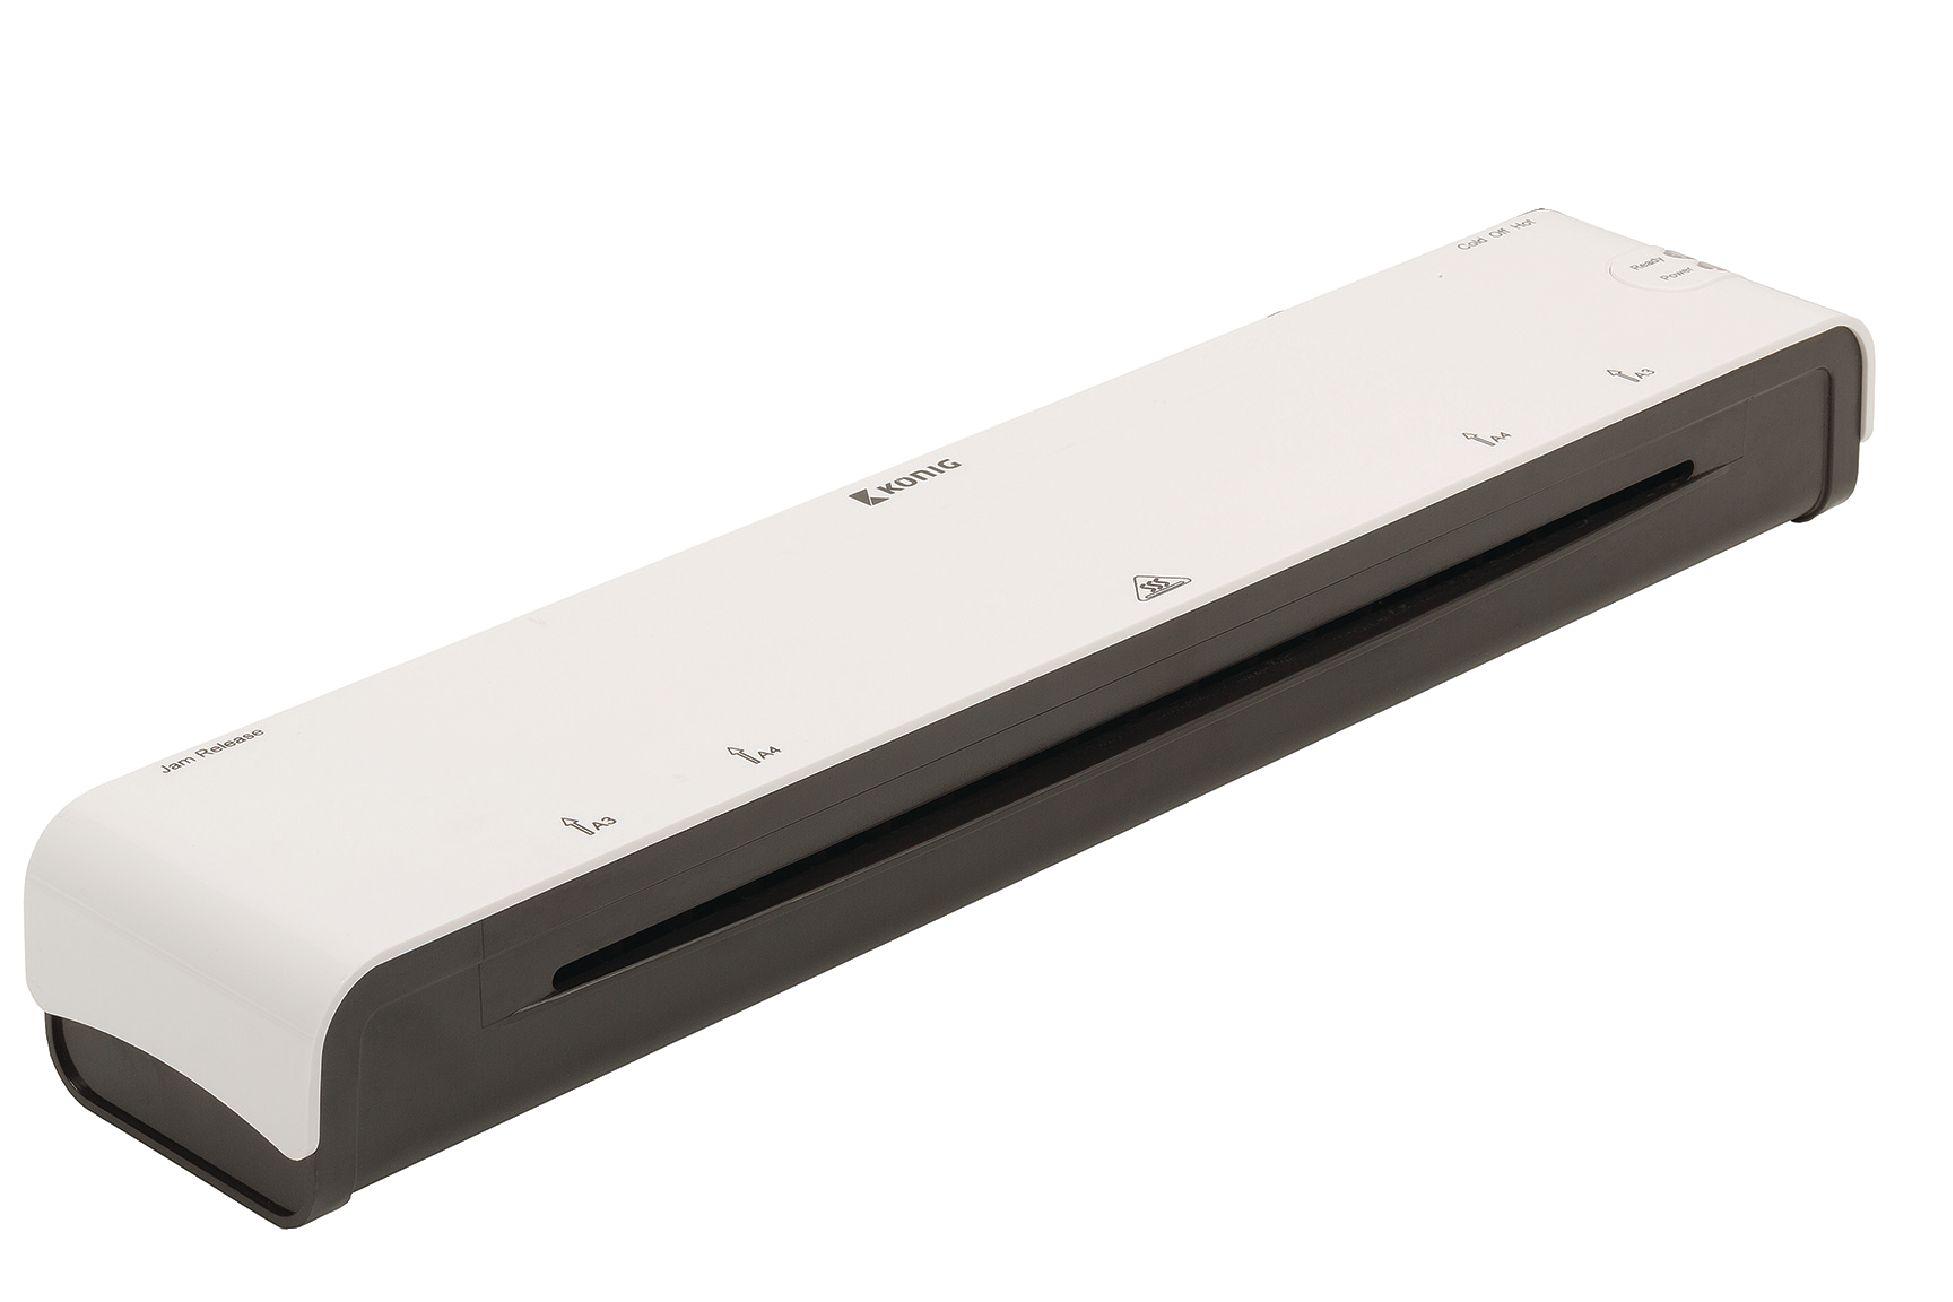 kontor utstyr magasi net. Black Bedroom Furniture Sets. Home Design Ideas